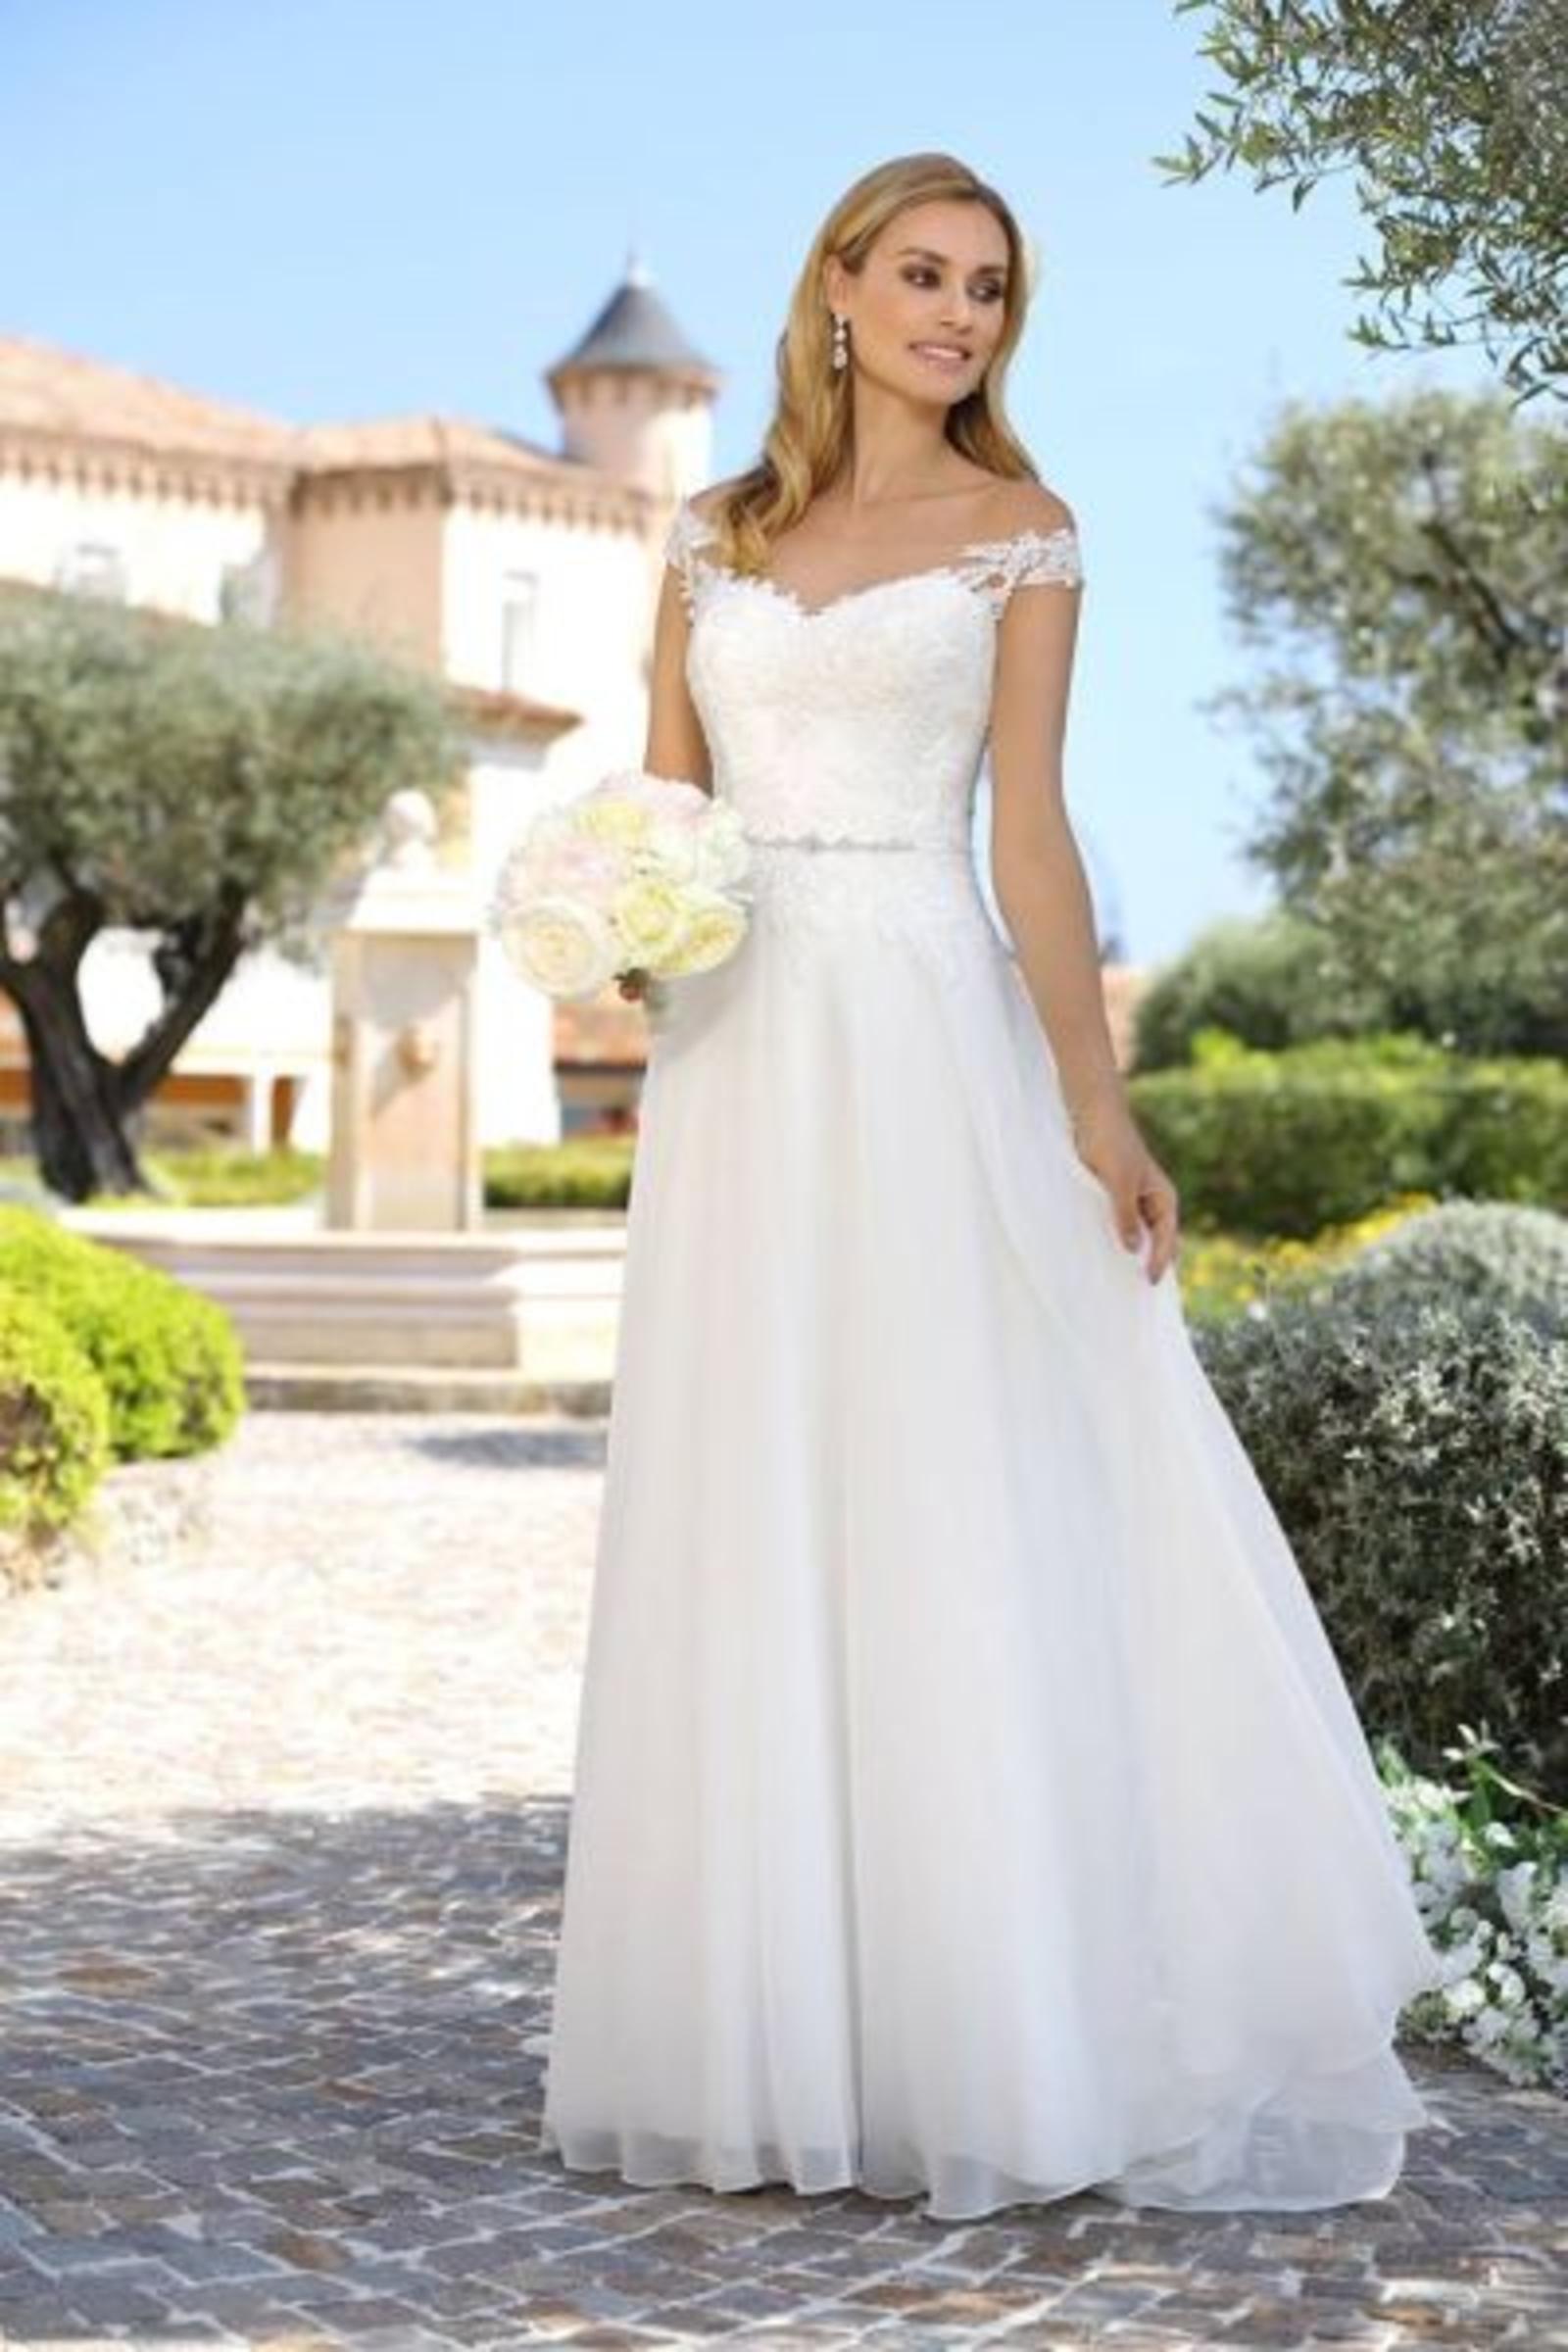 Beste Vintage Spitzenkleid Hochzeit öffnen Zurück Galerie - Hochzeit ...